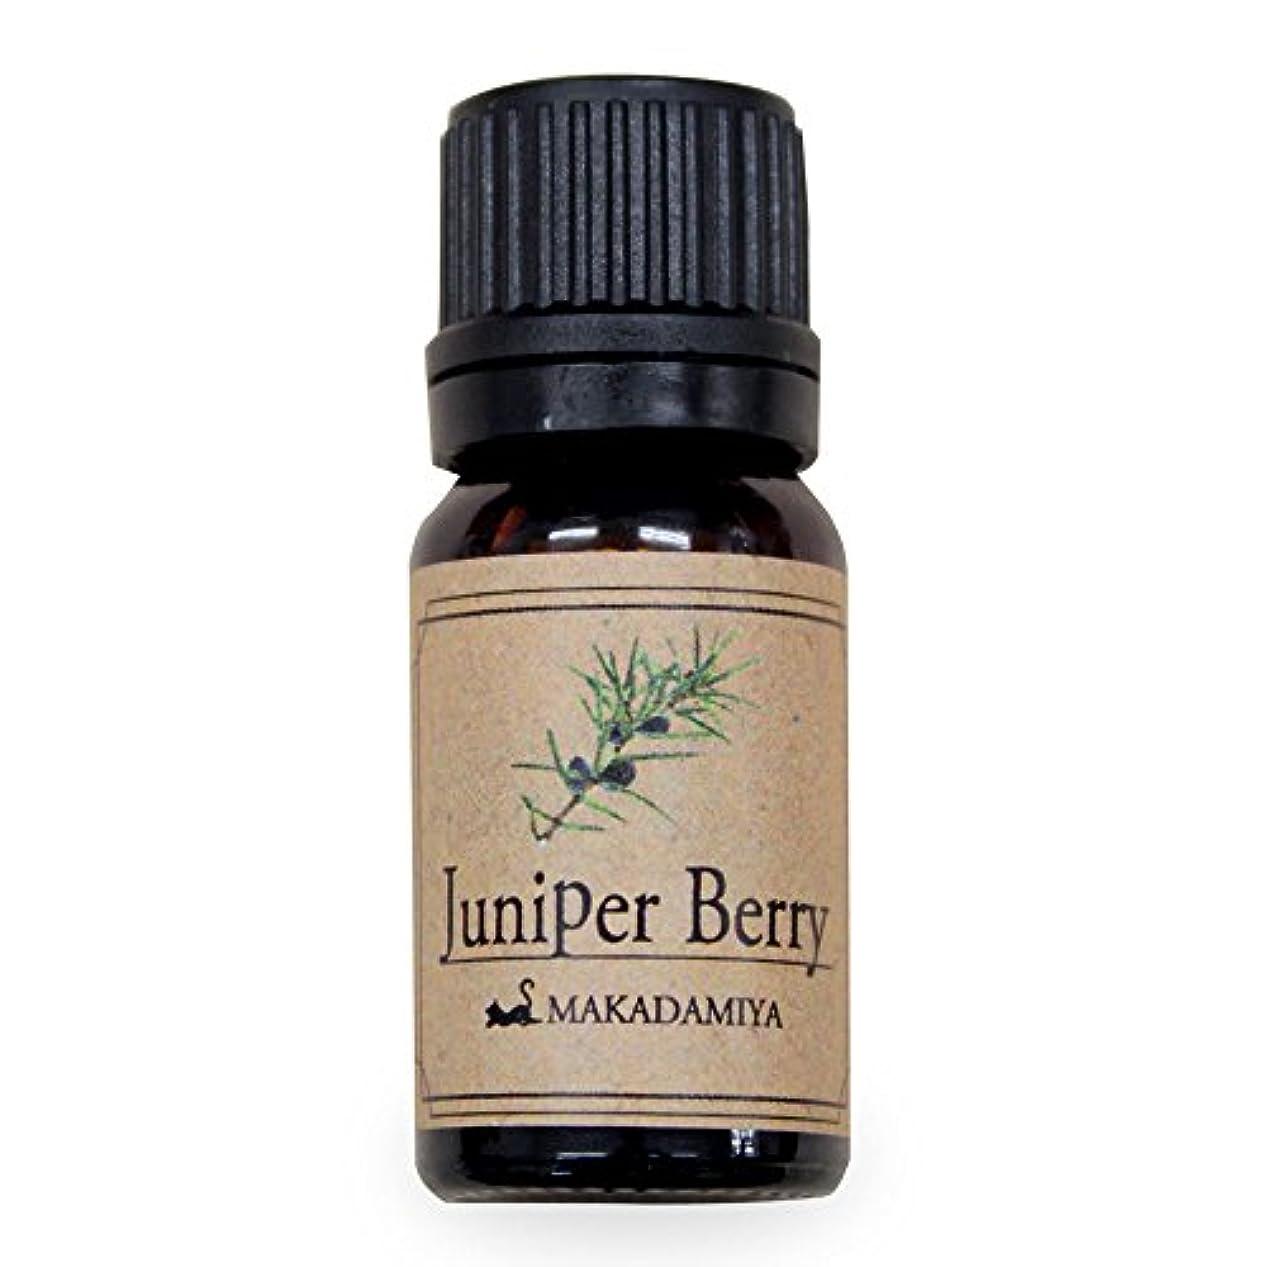 酒多様体熟すジュニパーベリー10ml 天然100%植物性 エッセンシャルオイル(精油) アロマオイル アロママッサージ aroma Junipe Berry